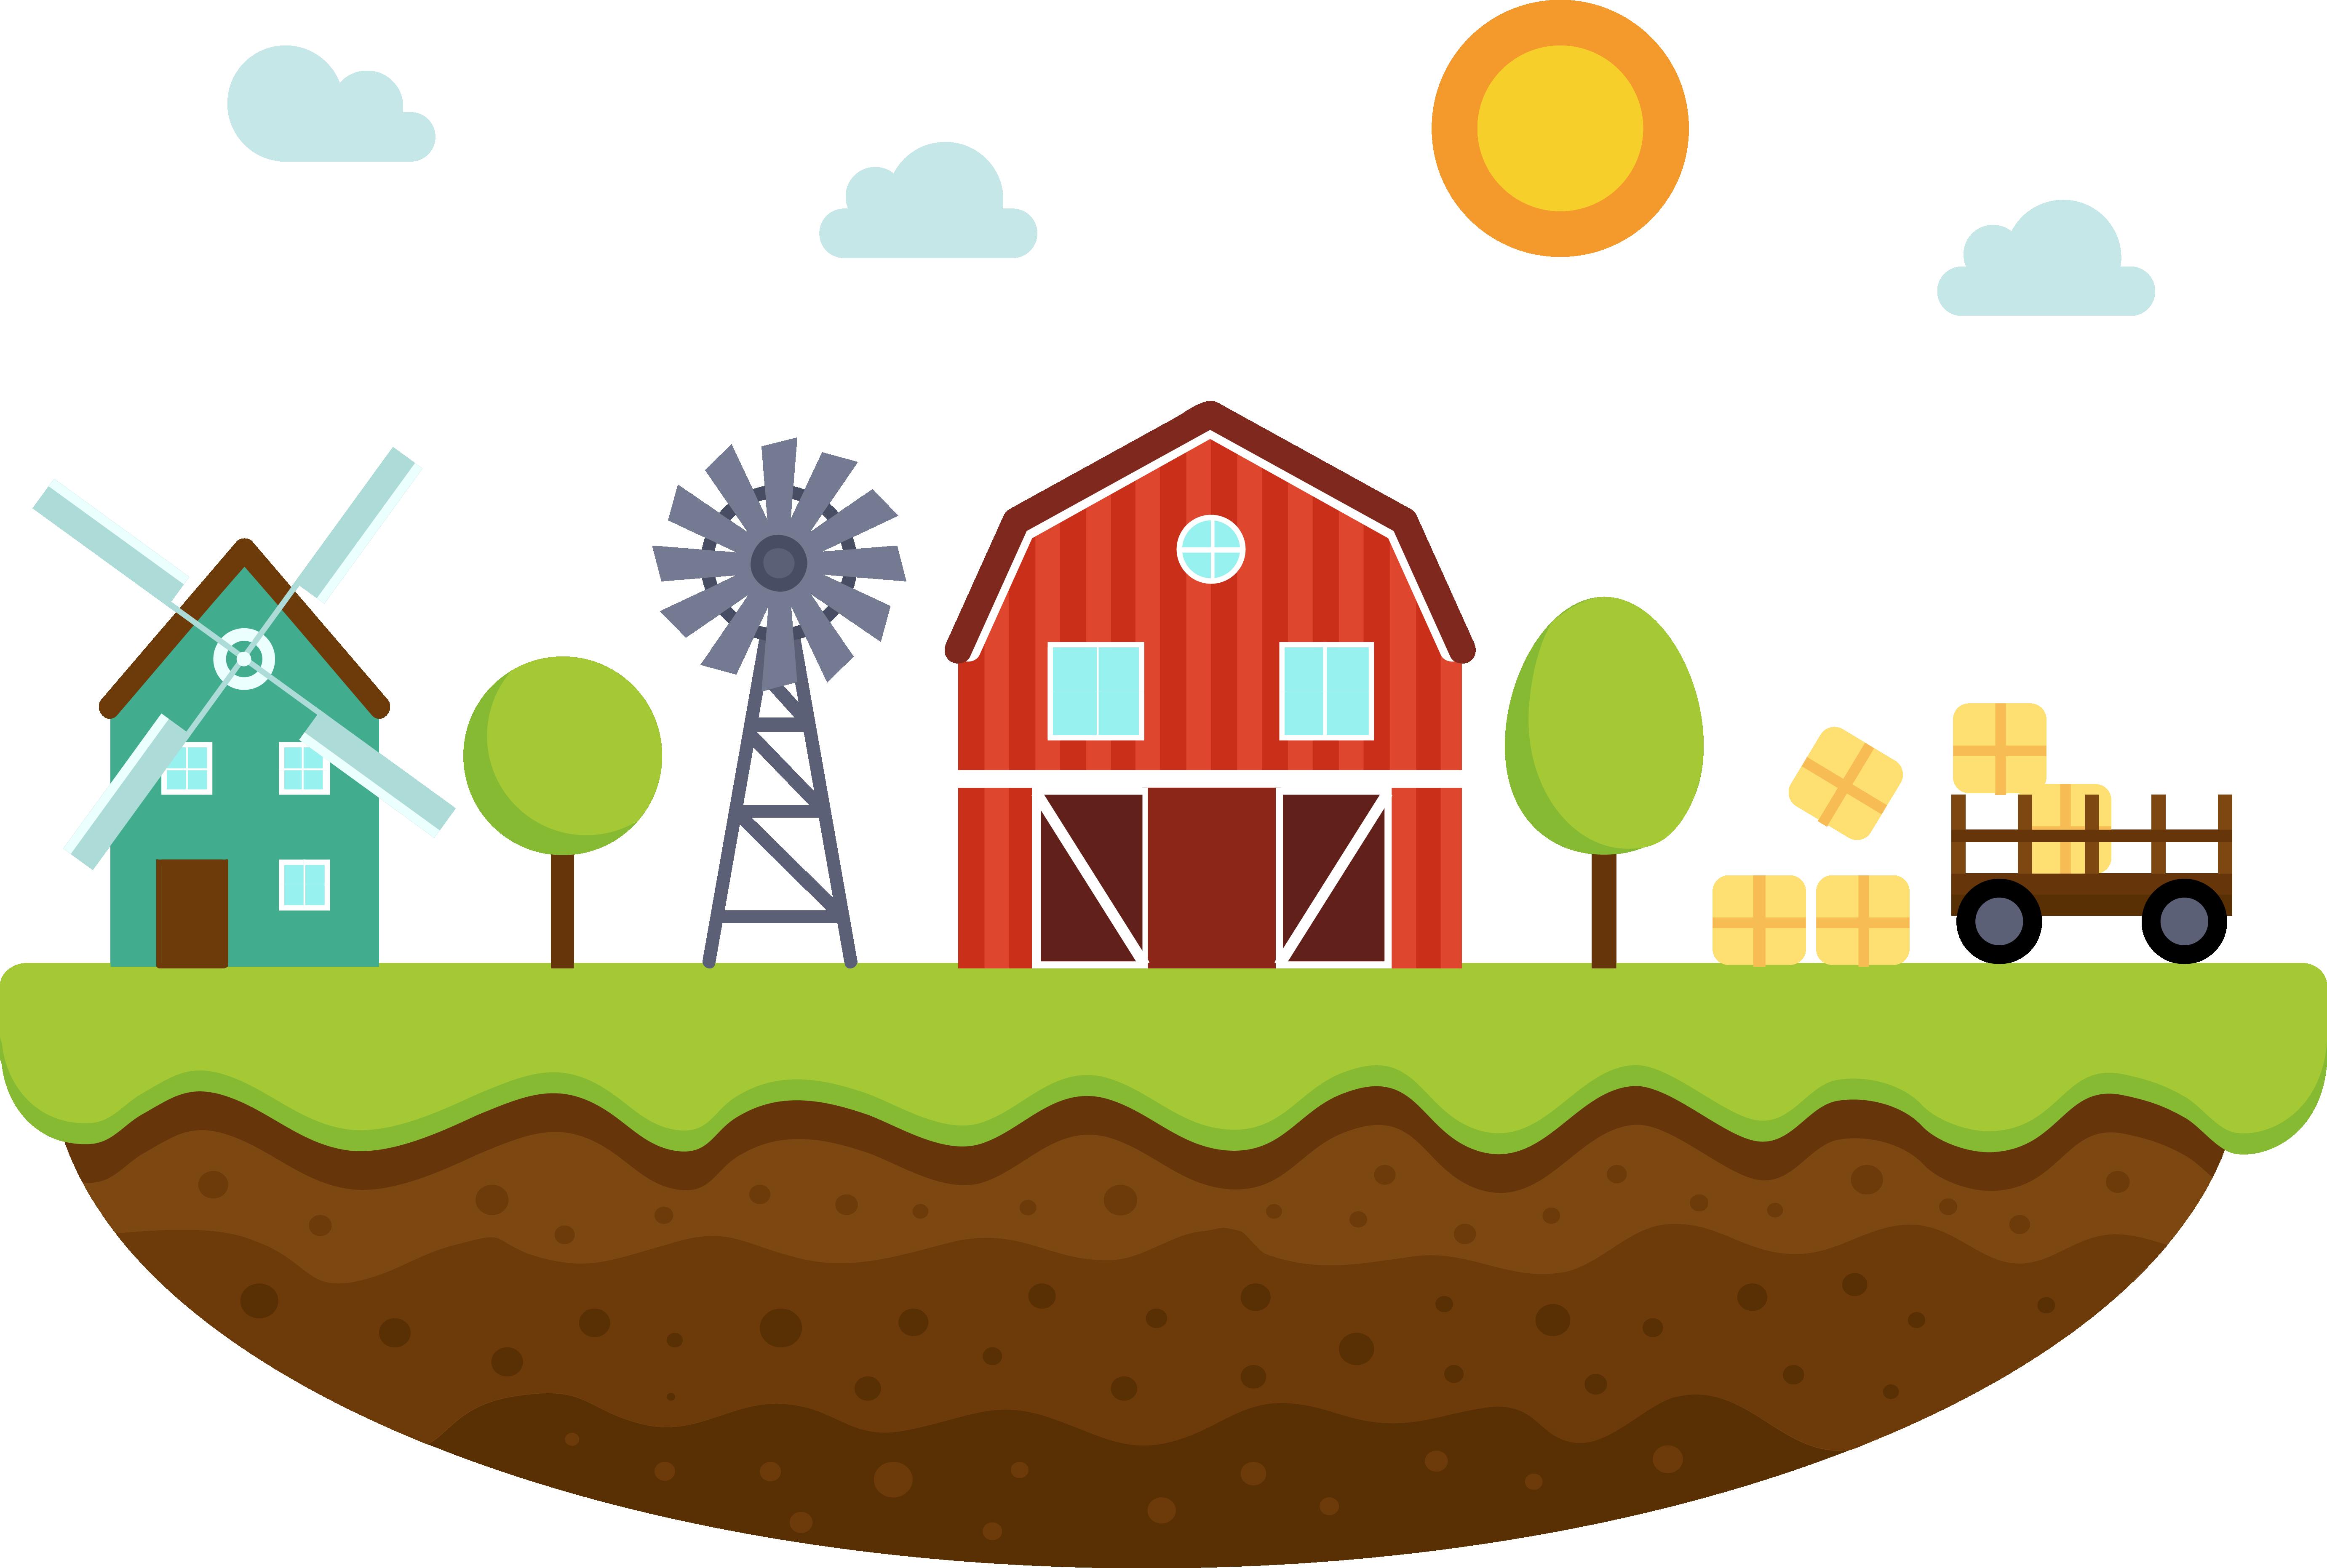 Farm Agriculture Landscape.